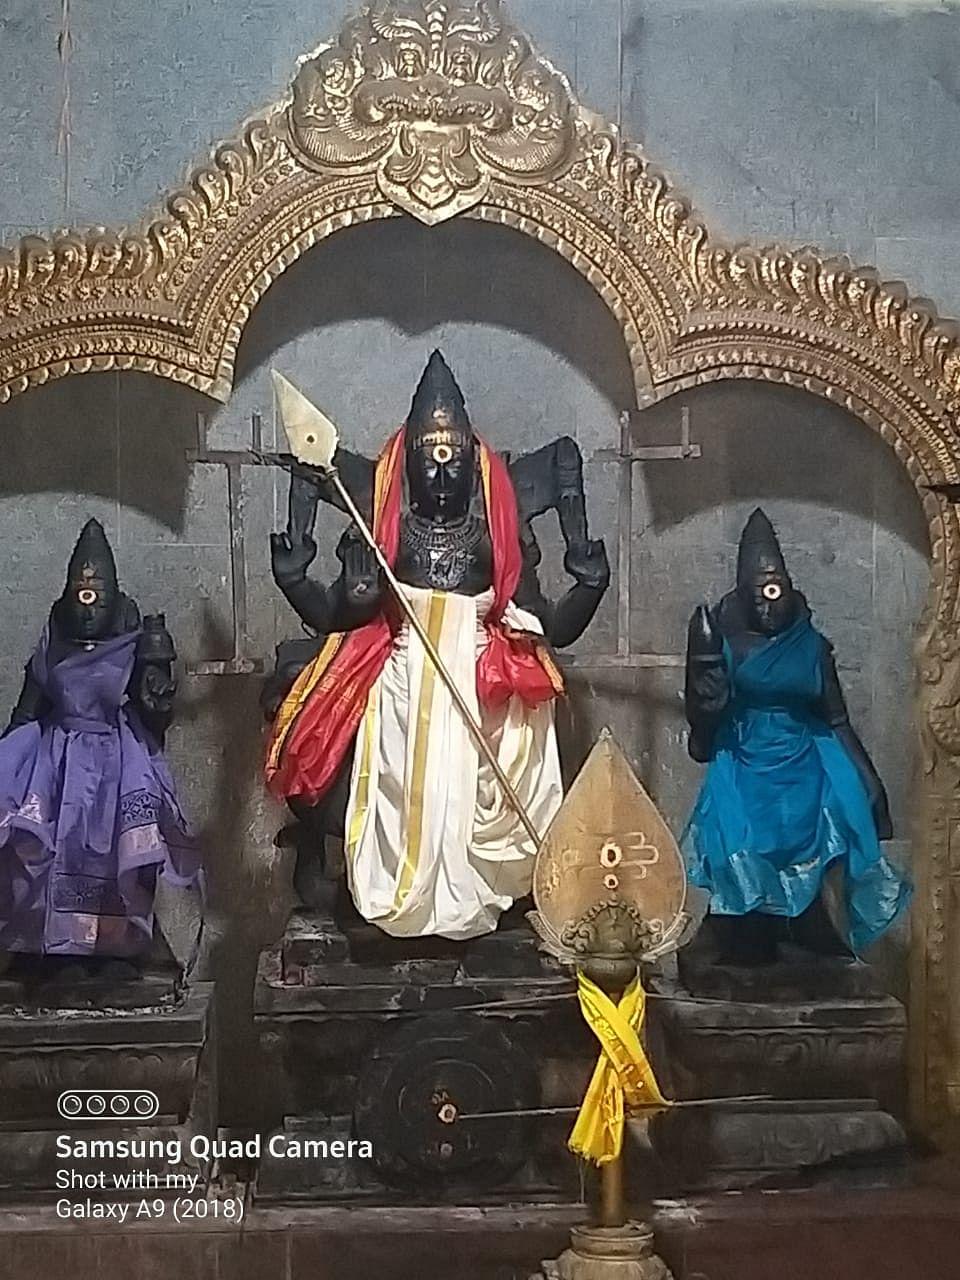 வள்ளி தேவசேனா சமேத சுப்பிரமண்யர்